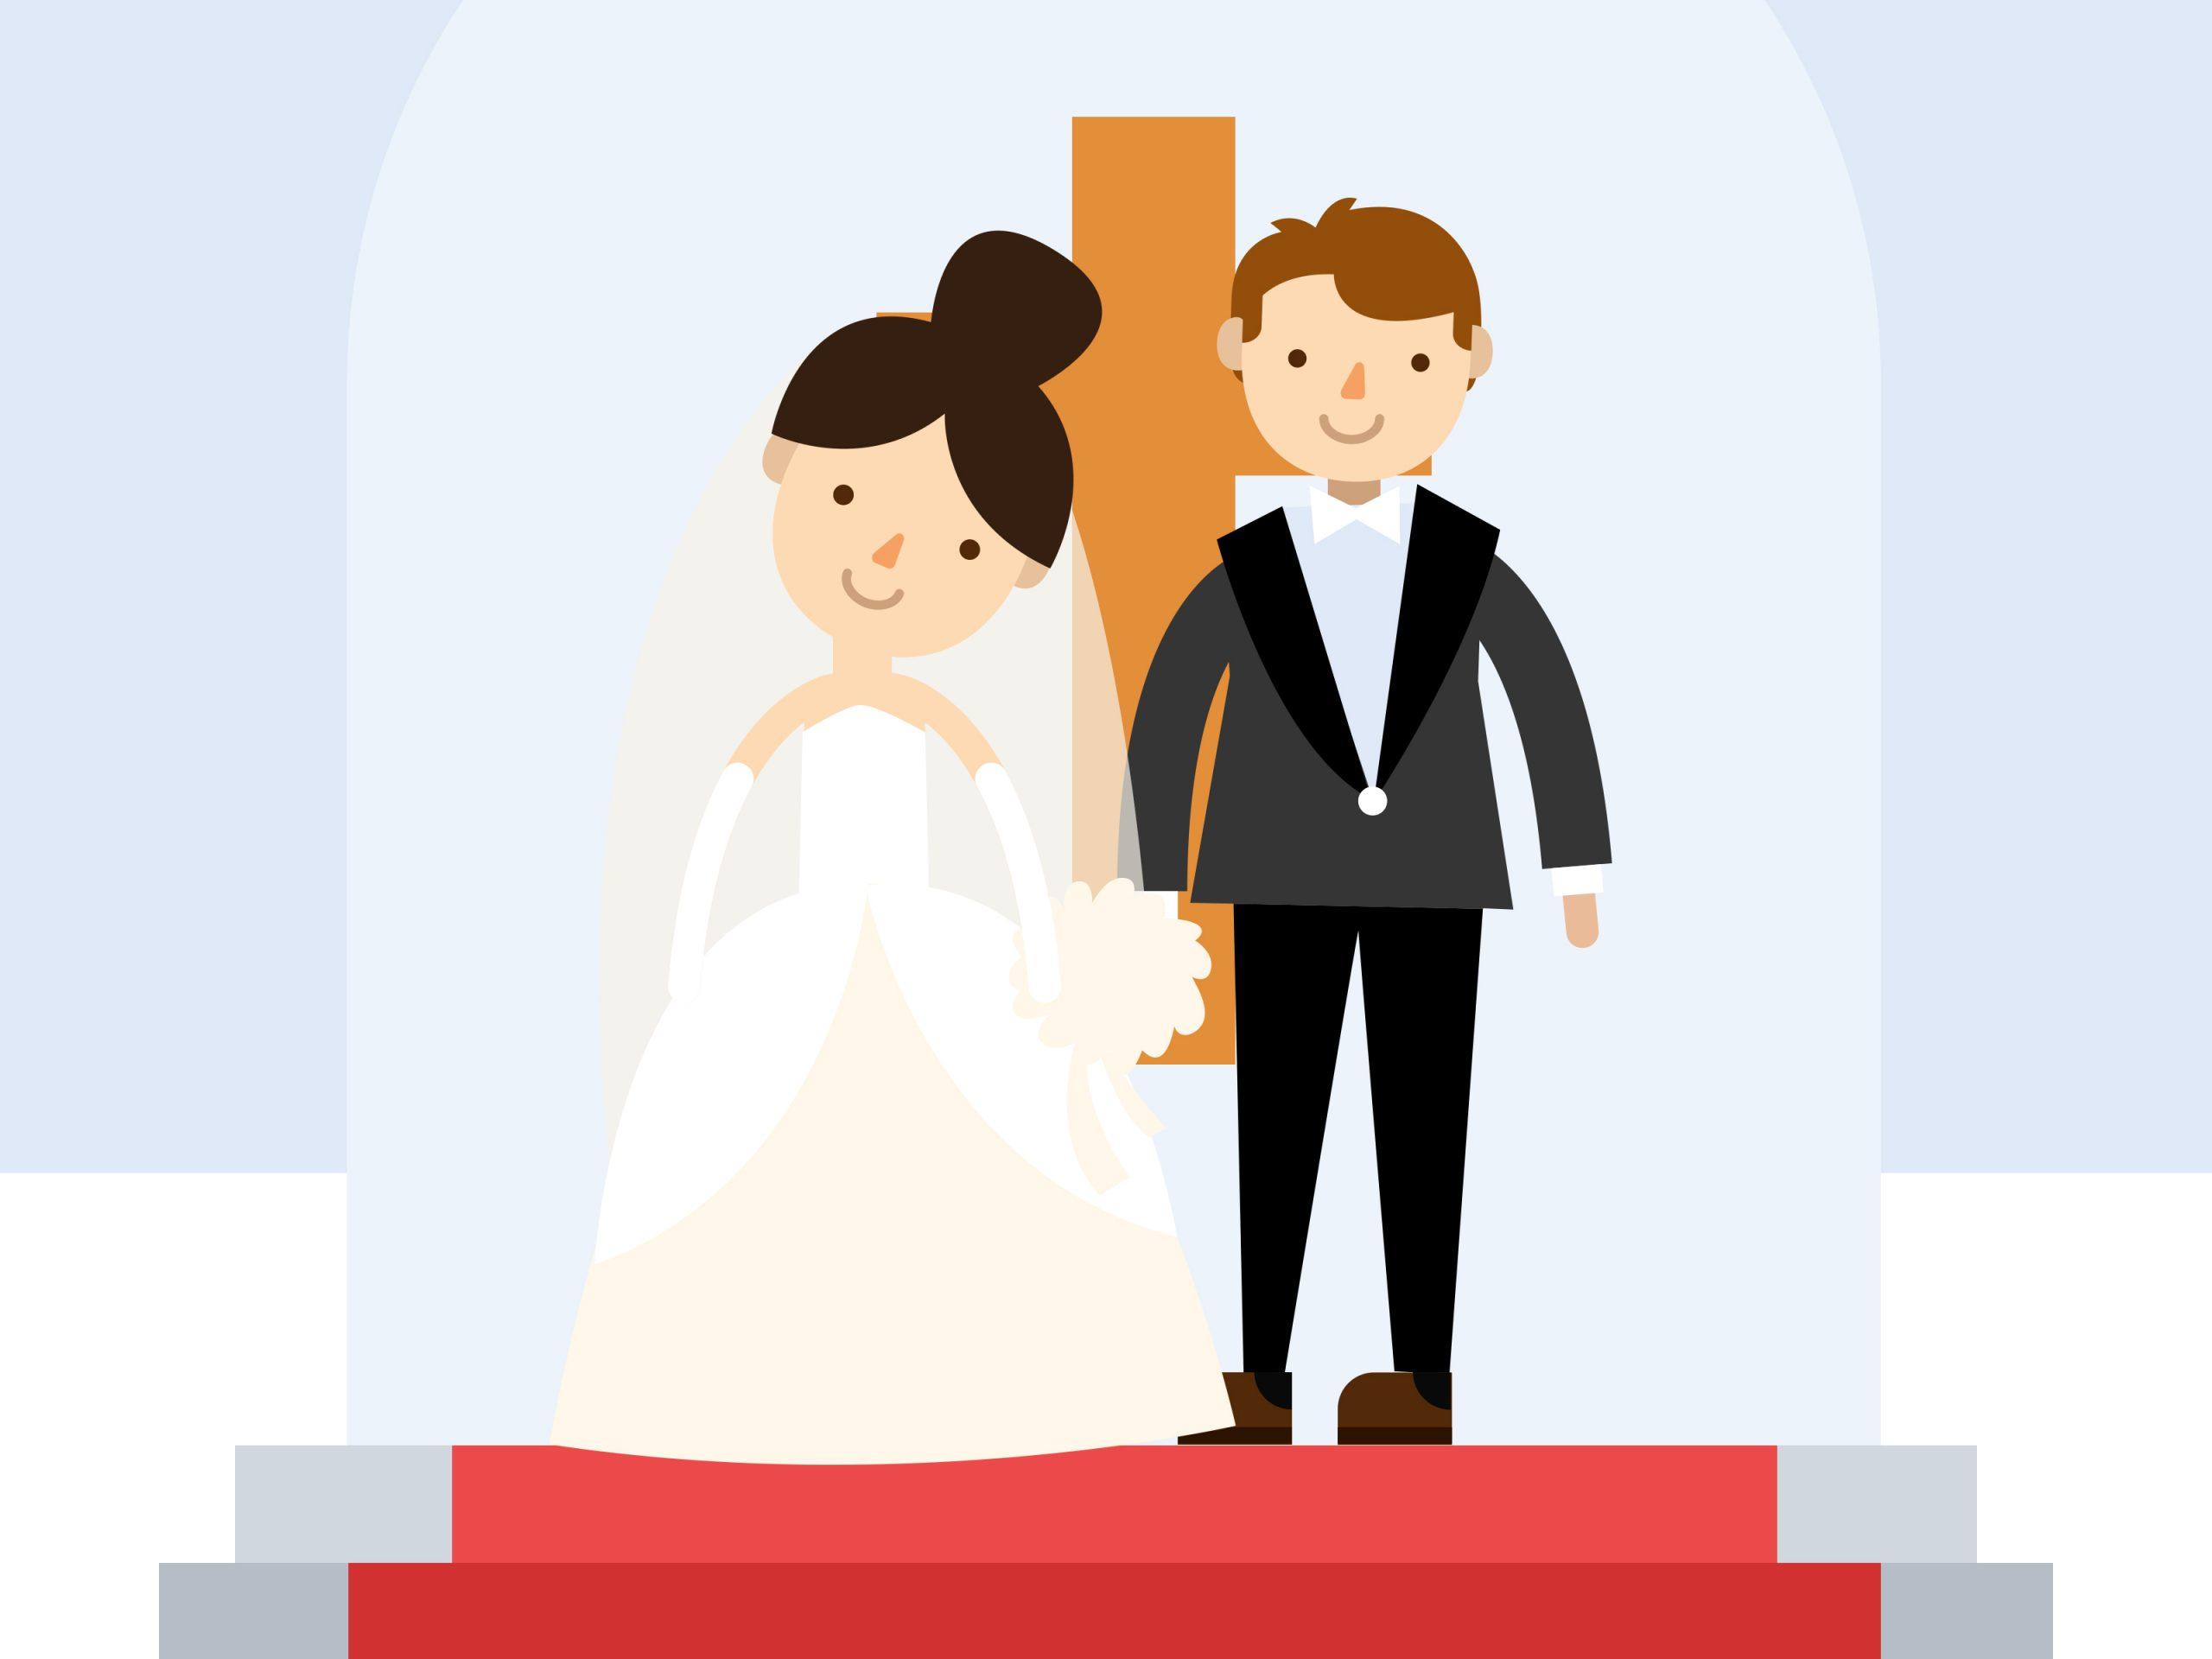 تصريح الزواج